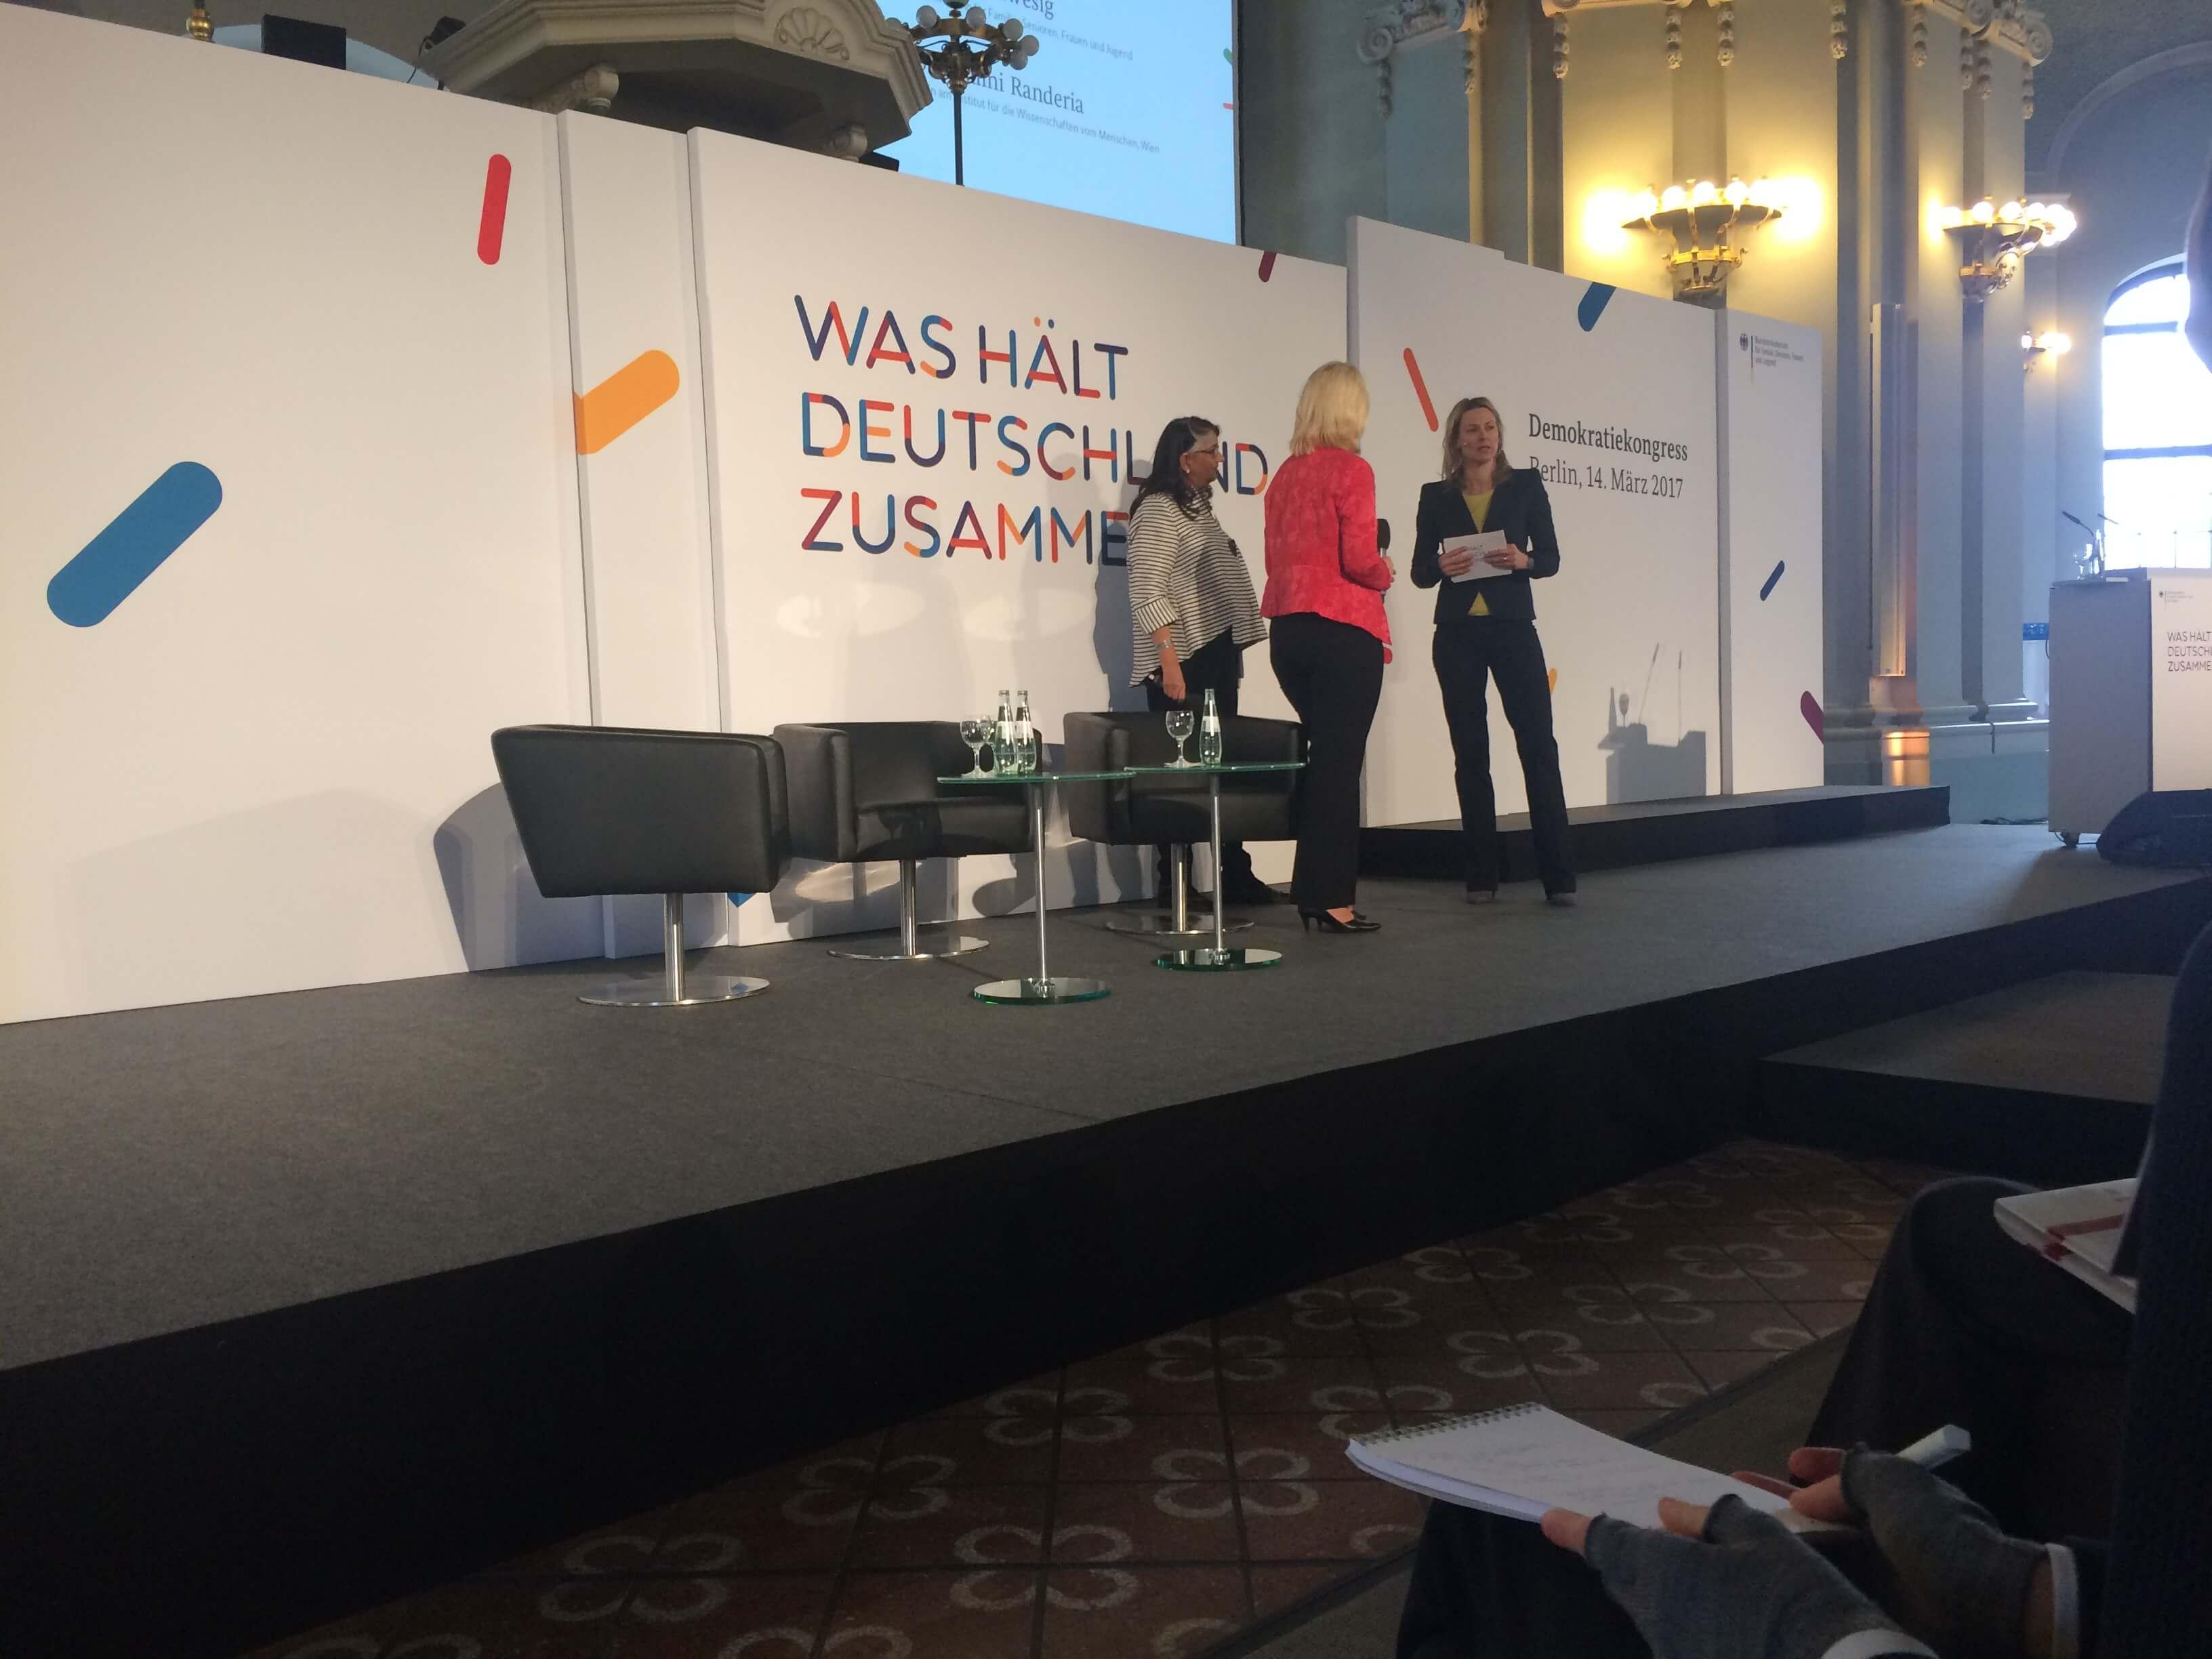 alleinerziehende Demokratiekongress 2017